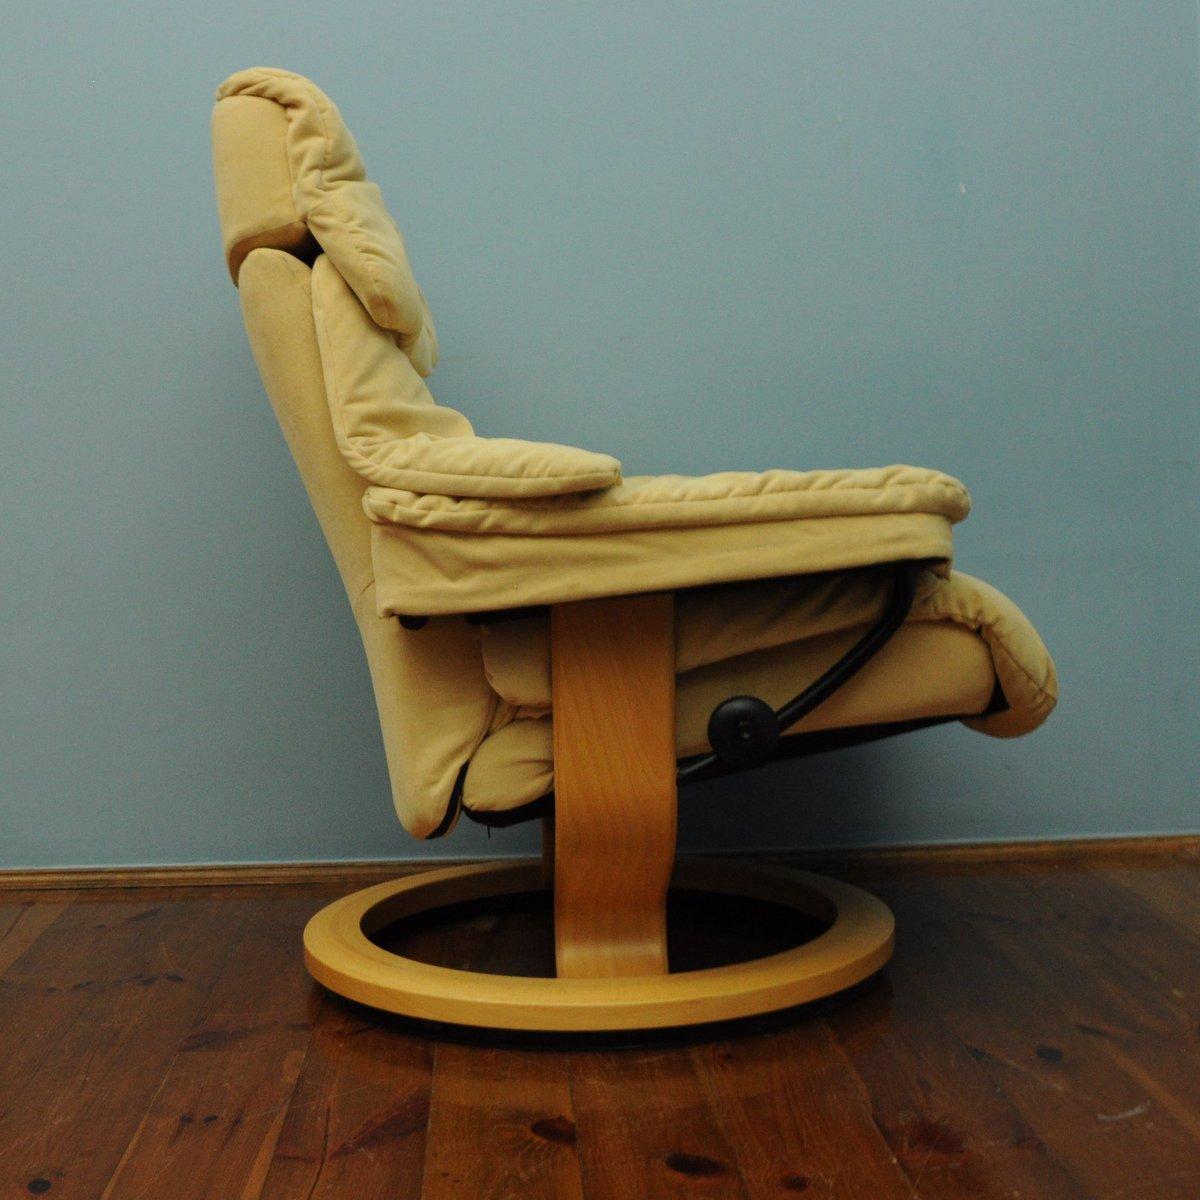 fauteuil vintage jaune de stressless en vente sur pamono. Black Bedroom Furniture Sets. Home Design Ideas